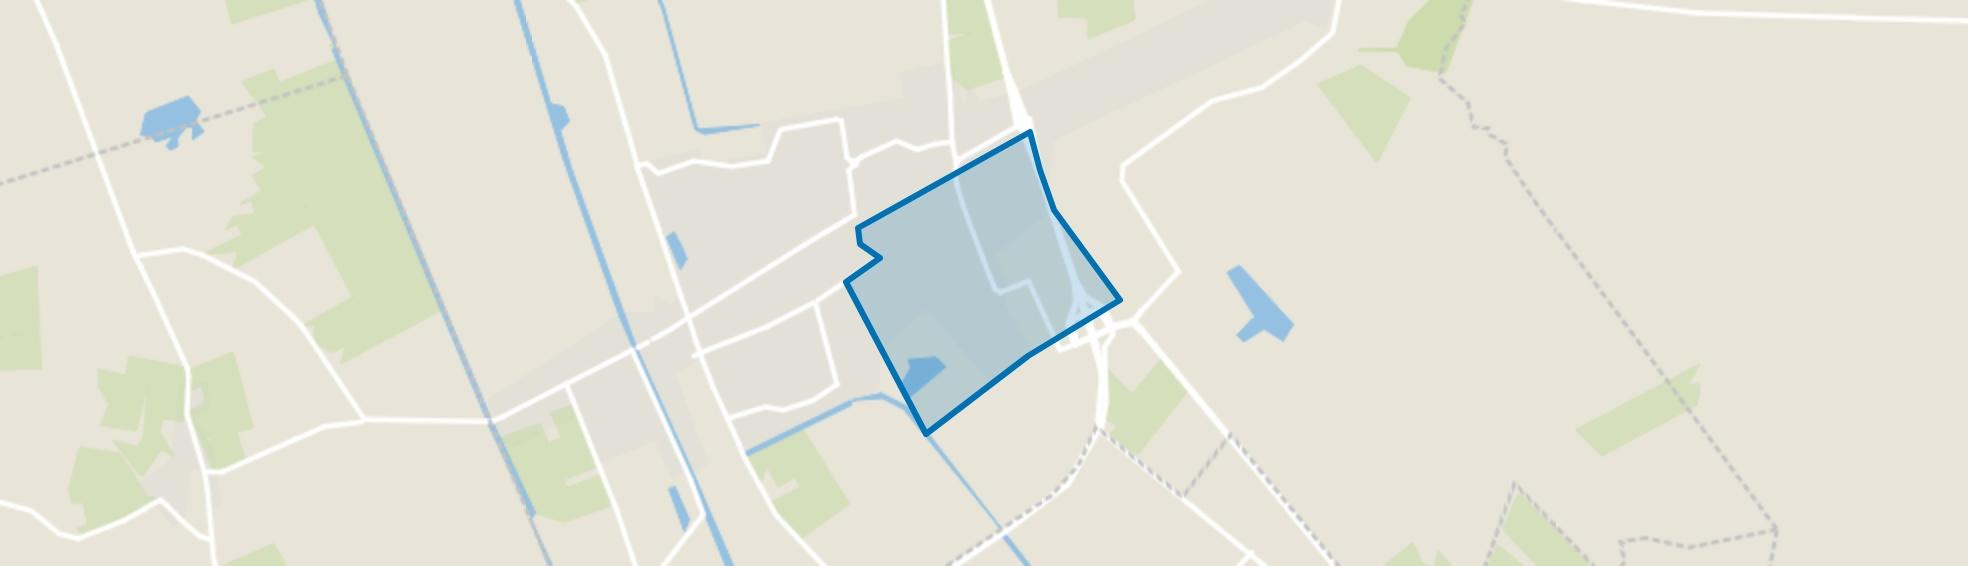 Centrum-Vriezenveen, Vriezenveen map